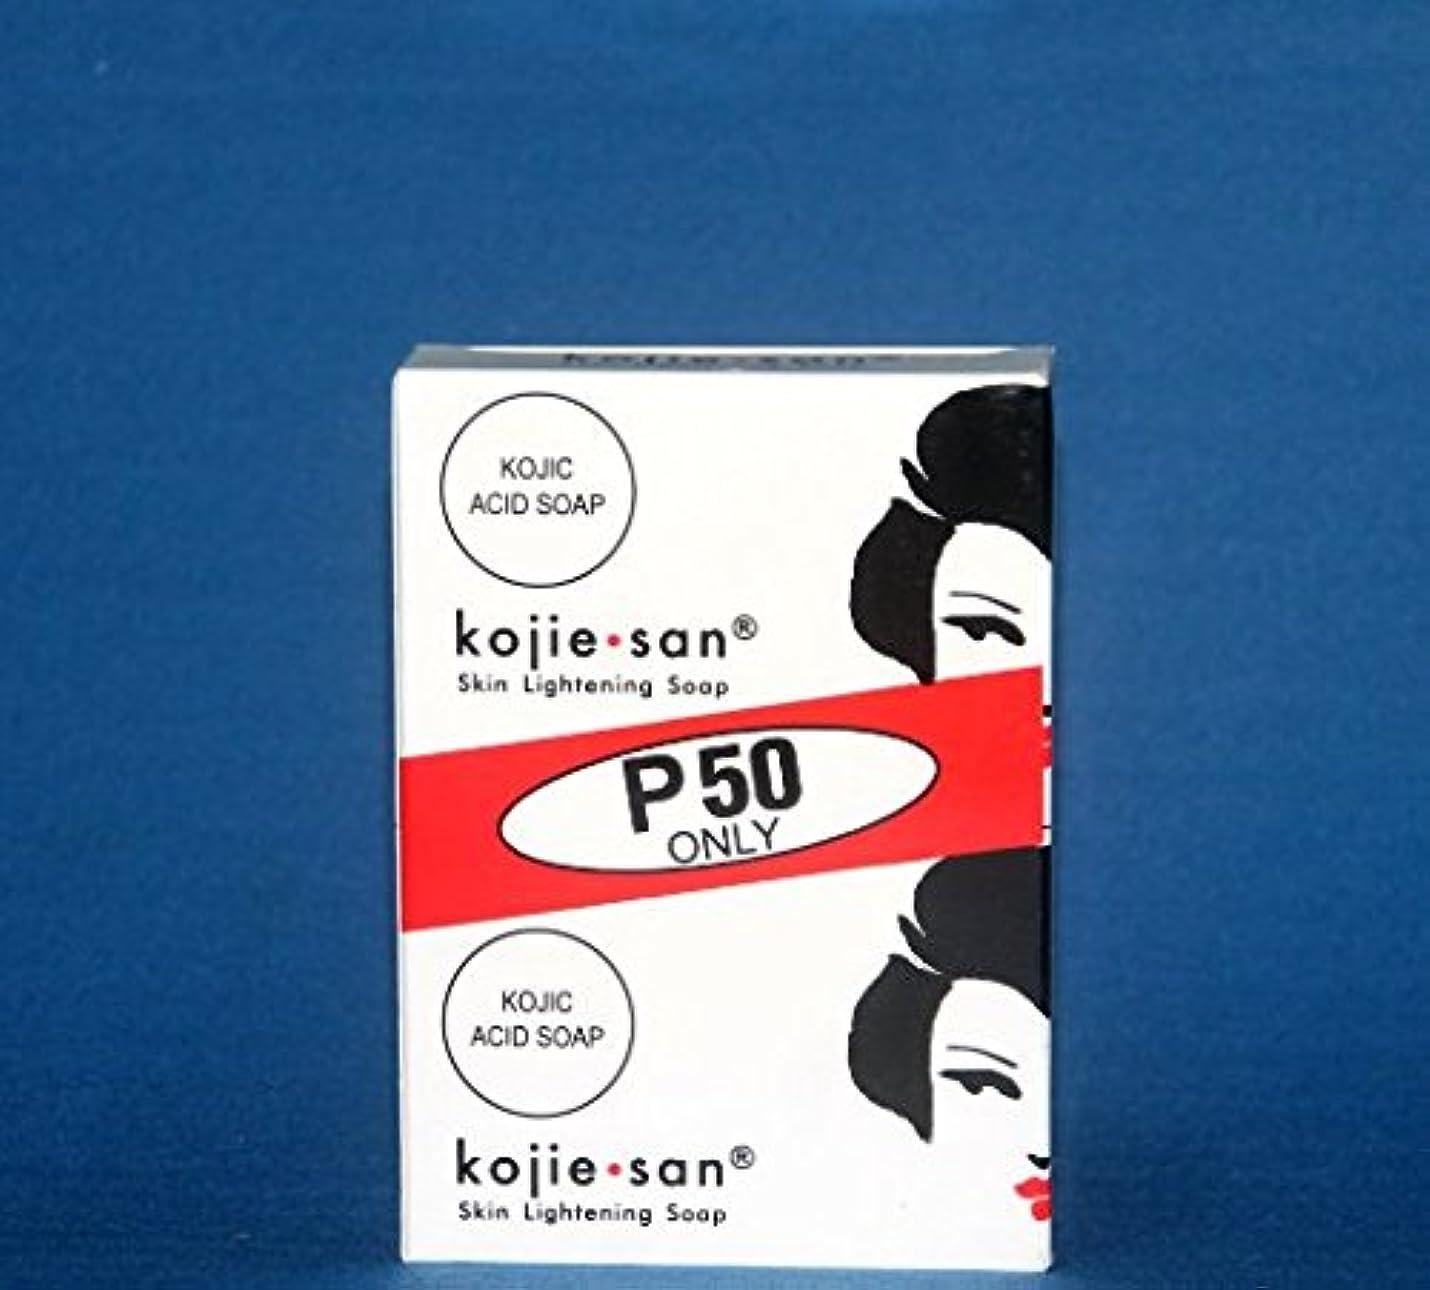 労働はさみ慣性Kojie san Skin Lightening Soap 2 pcs こじえさん スキンライトニングソープ 2個 パック [並行輸入品]